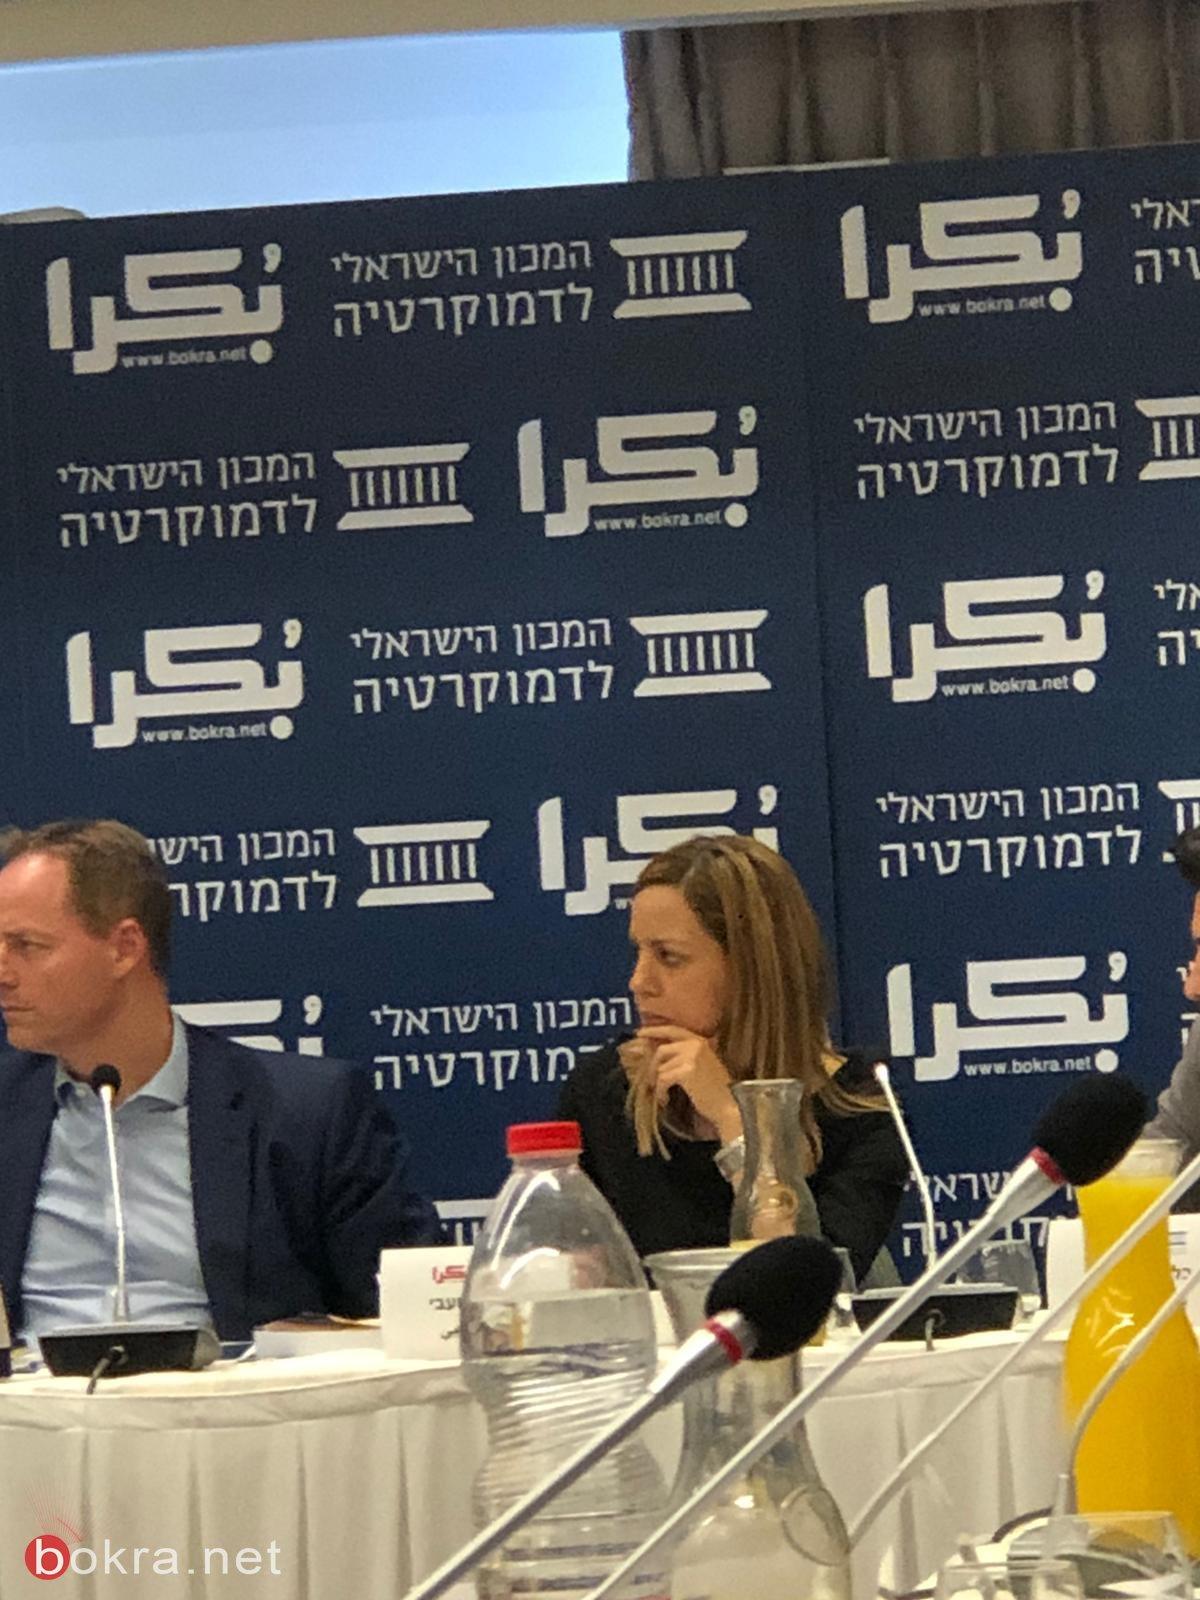 العنف في المجتمع العربي، أسبابه، والحلول لمكافحته؟ .. يوم دراسي في الناصرة-159